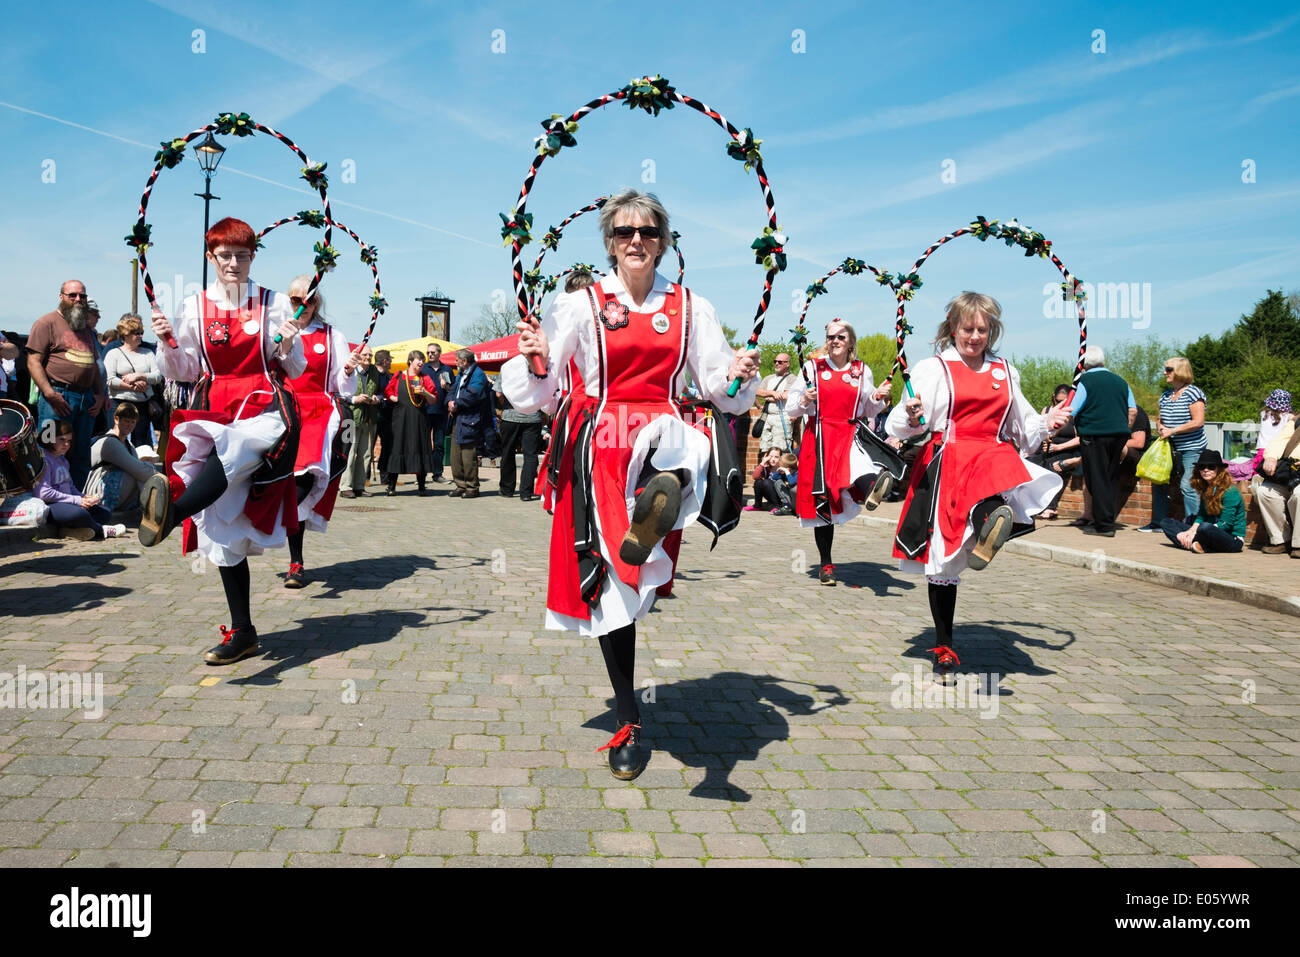 Upton auf Severn, Worcestershire, UK. 3. Mai 2014 Folkloretänzern unterhalten Menschen an einem schönen sonnigen Tag. Weibliche Moriskentänzer in Upton auf Severn, Worcestershire, UK. Bildnachweis: Robert Convery/Alamy Live-Nachrichten Stockbild